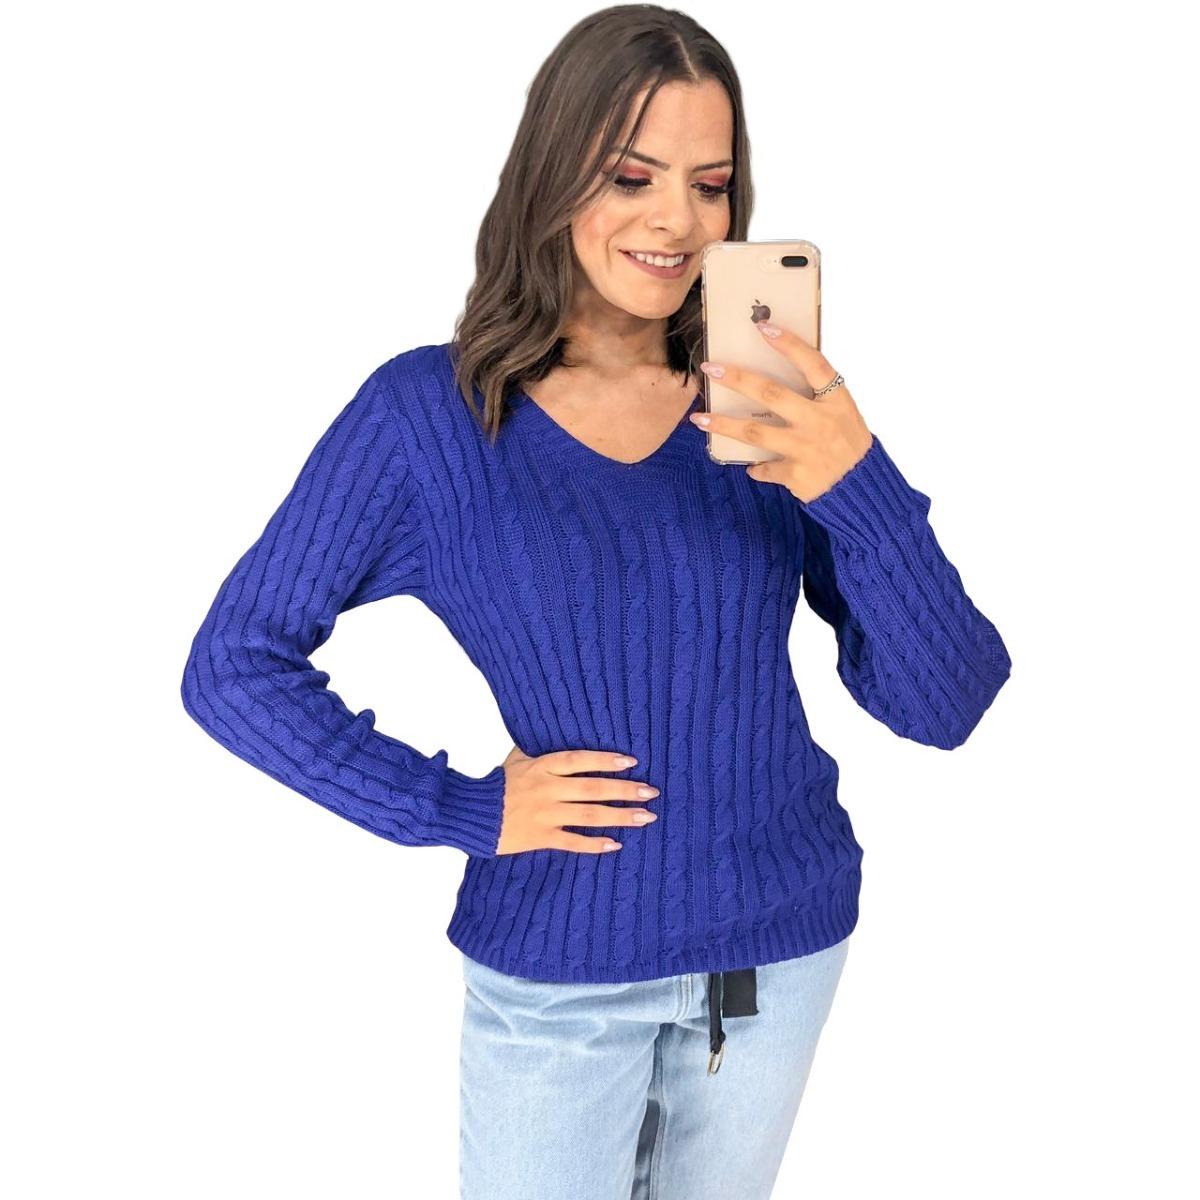 9a40caef61 blusa feminina trico tricot manga longa gola v frio barato. Carregando zoom.